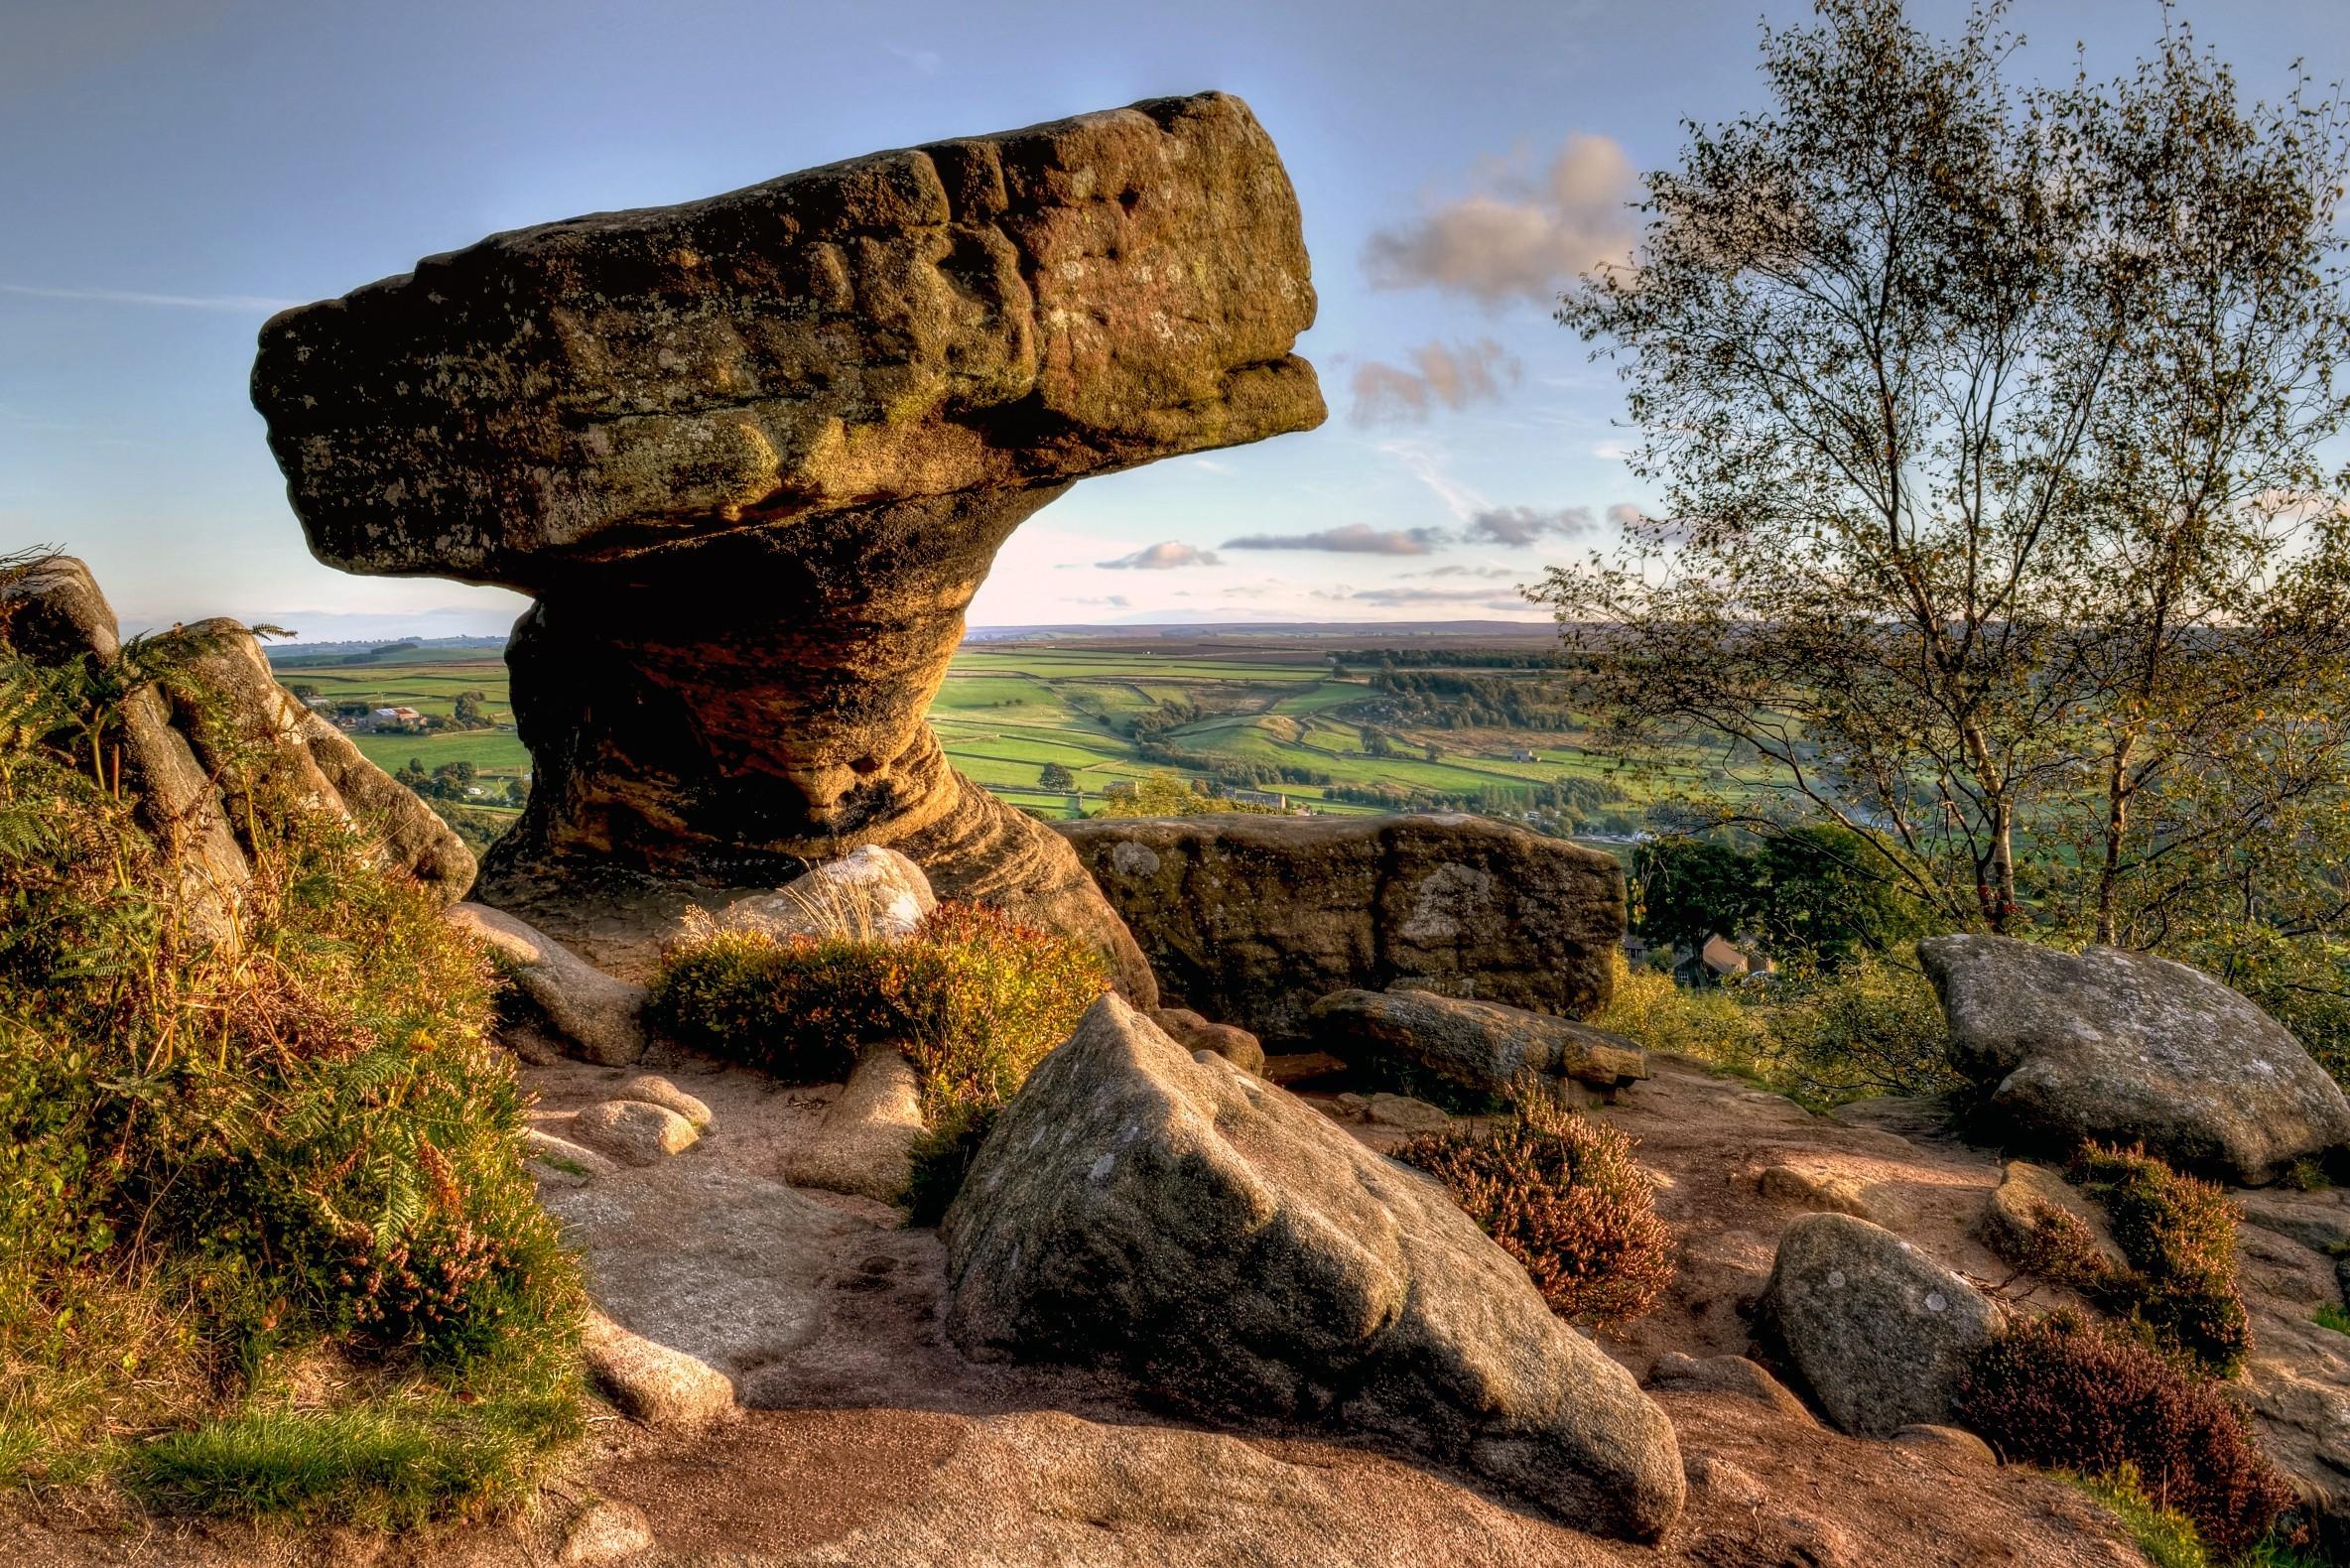 landscape uk rock nature england yorkshire wallpapers